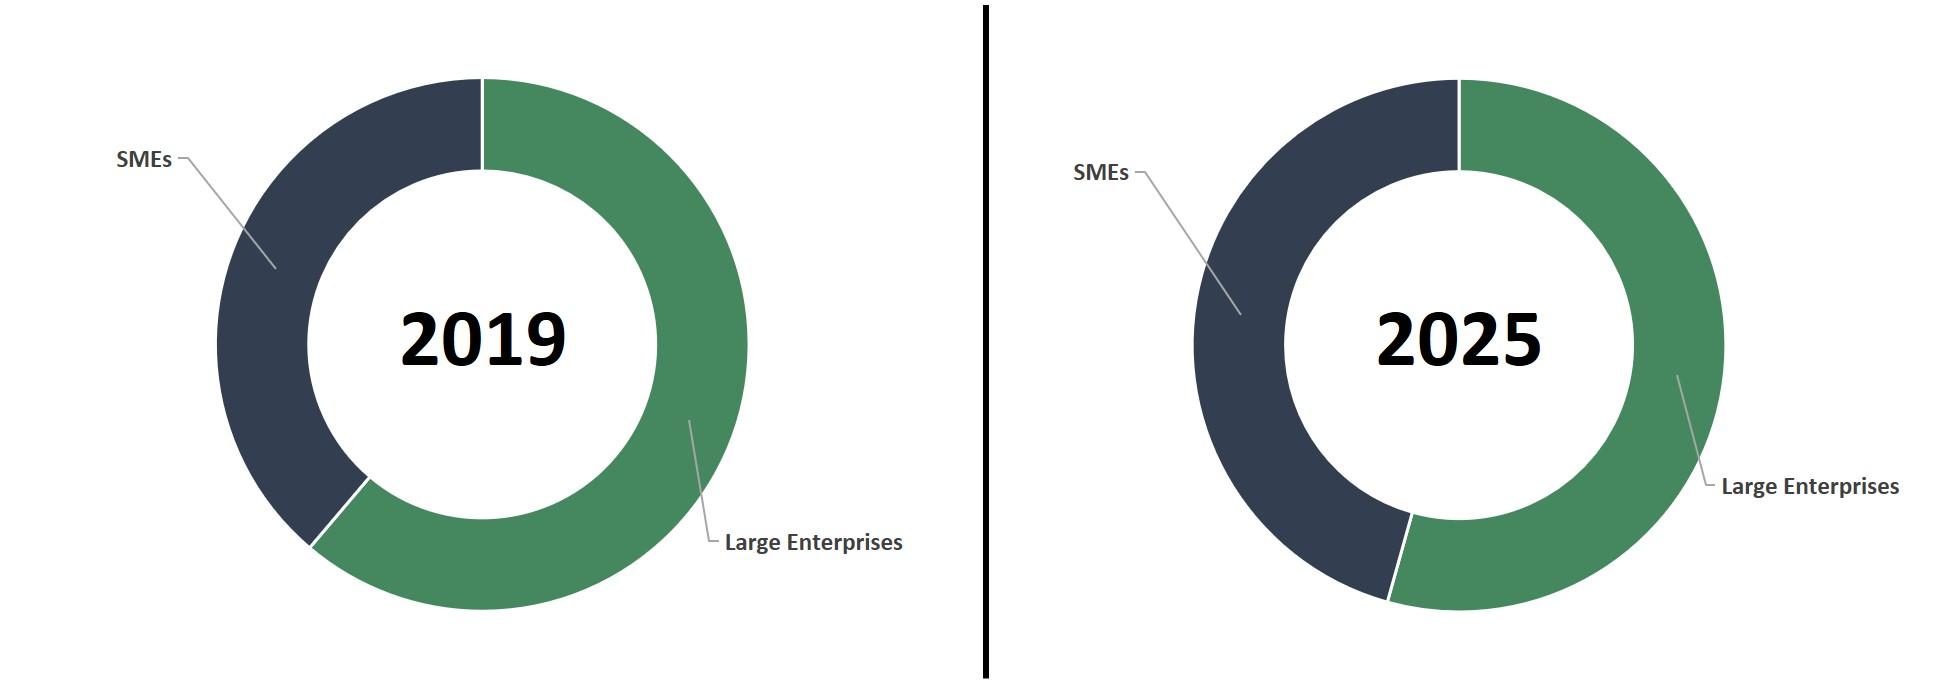 americas enterprise collaboration market report